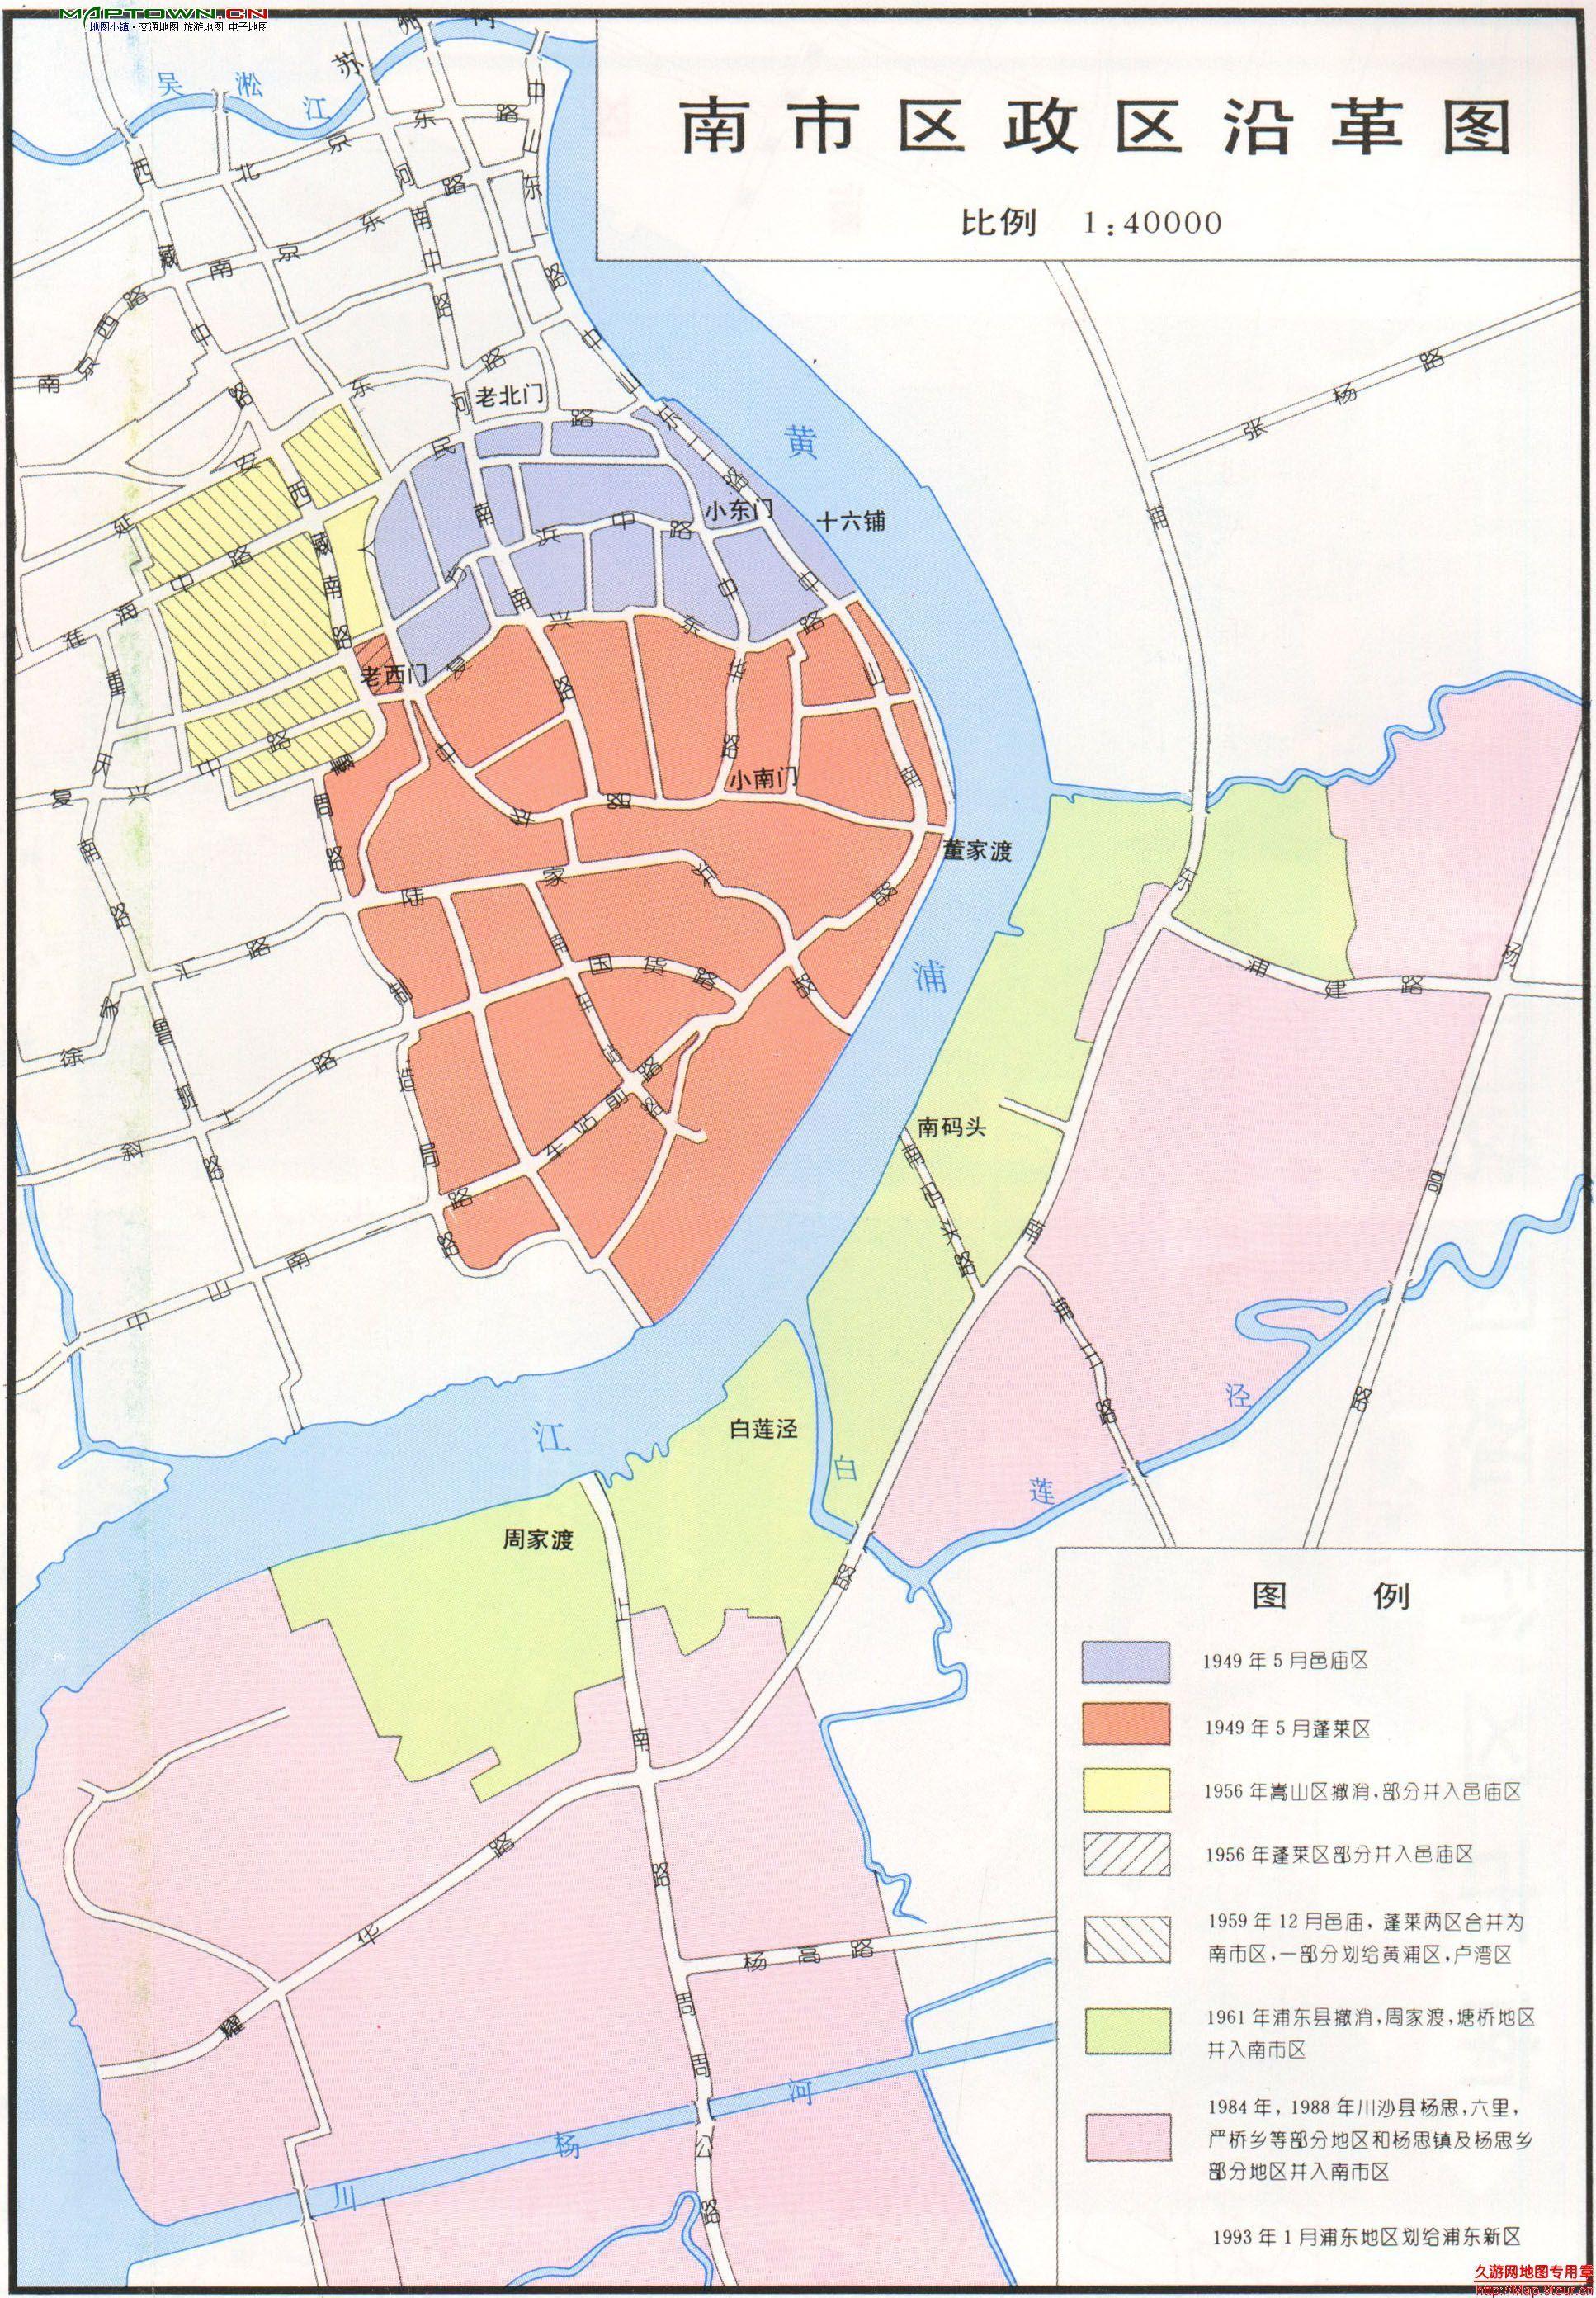 上海市南市区_上海浦东以前有哪些地方属于南市区?